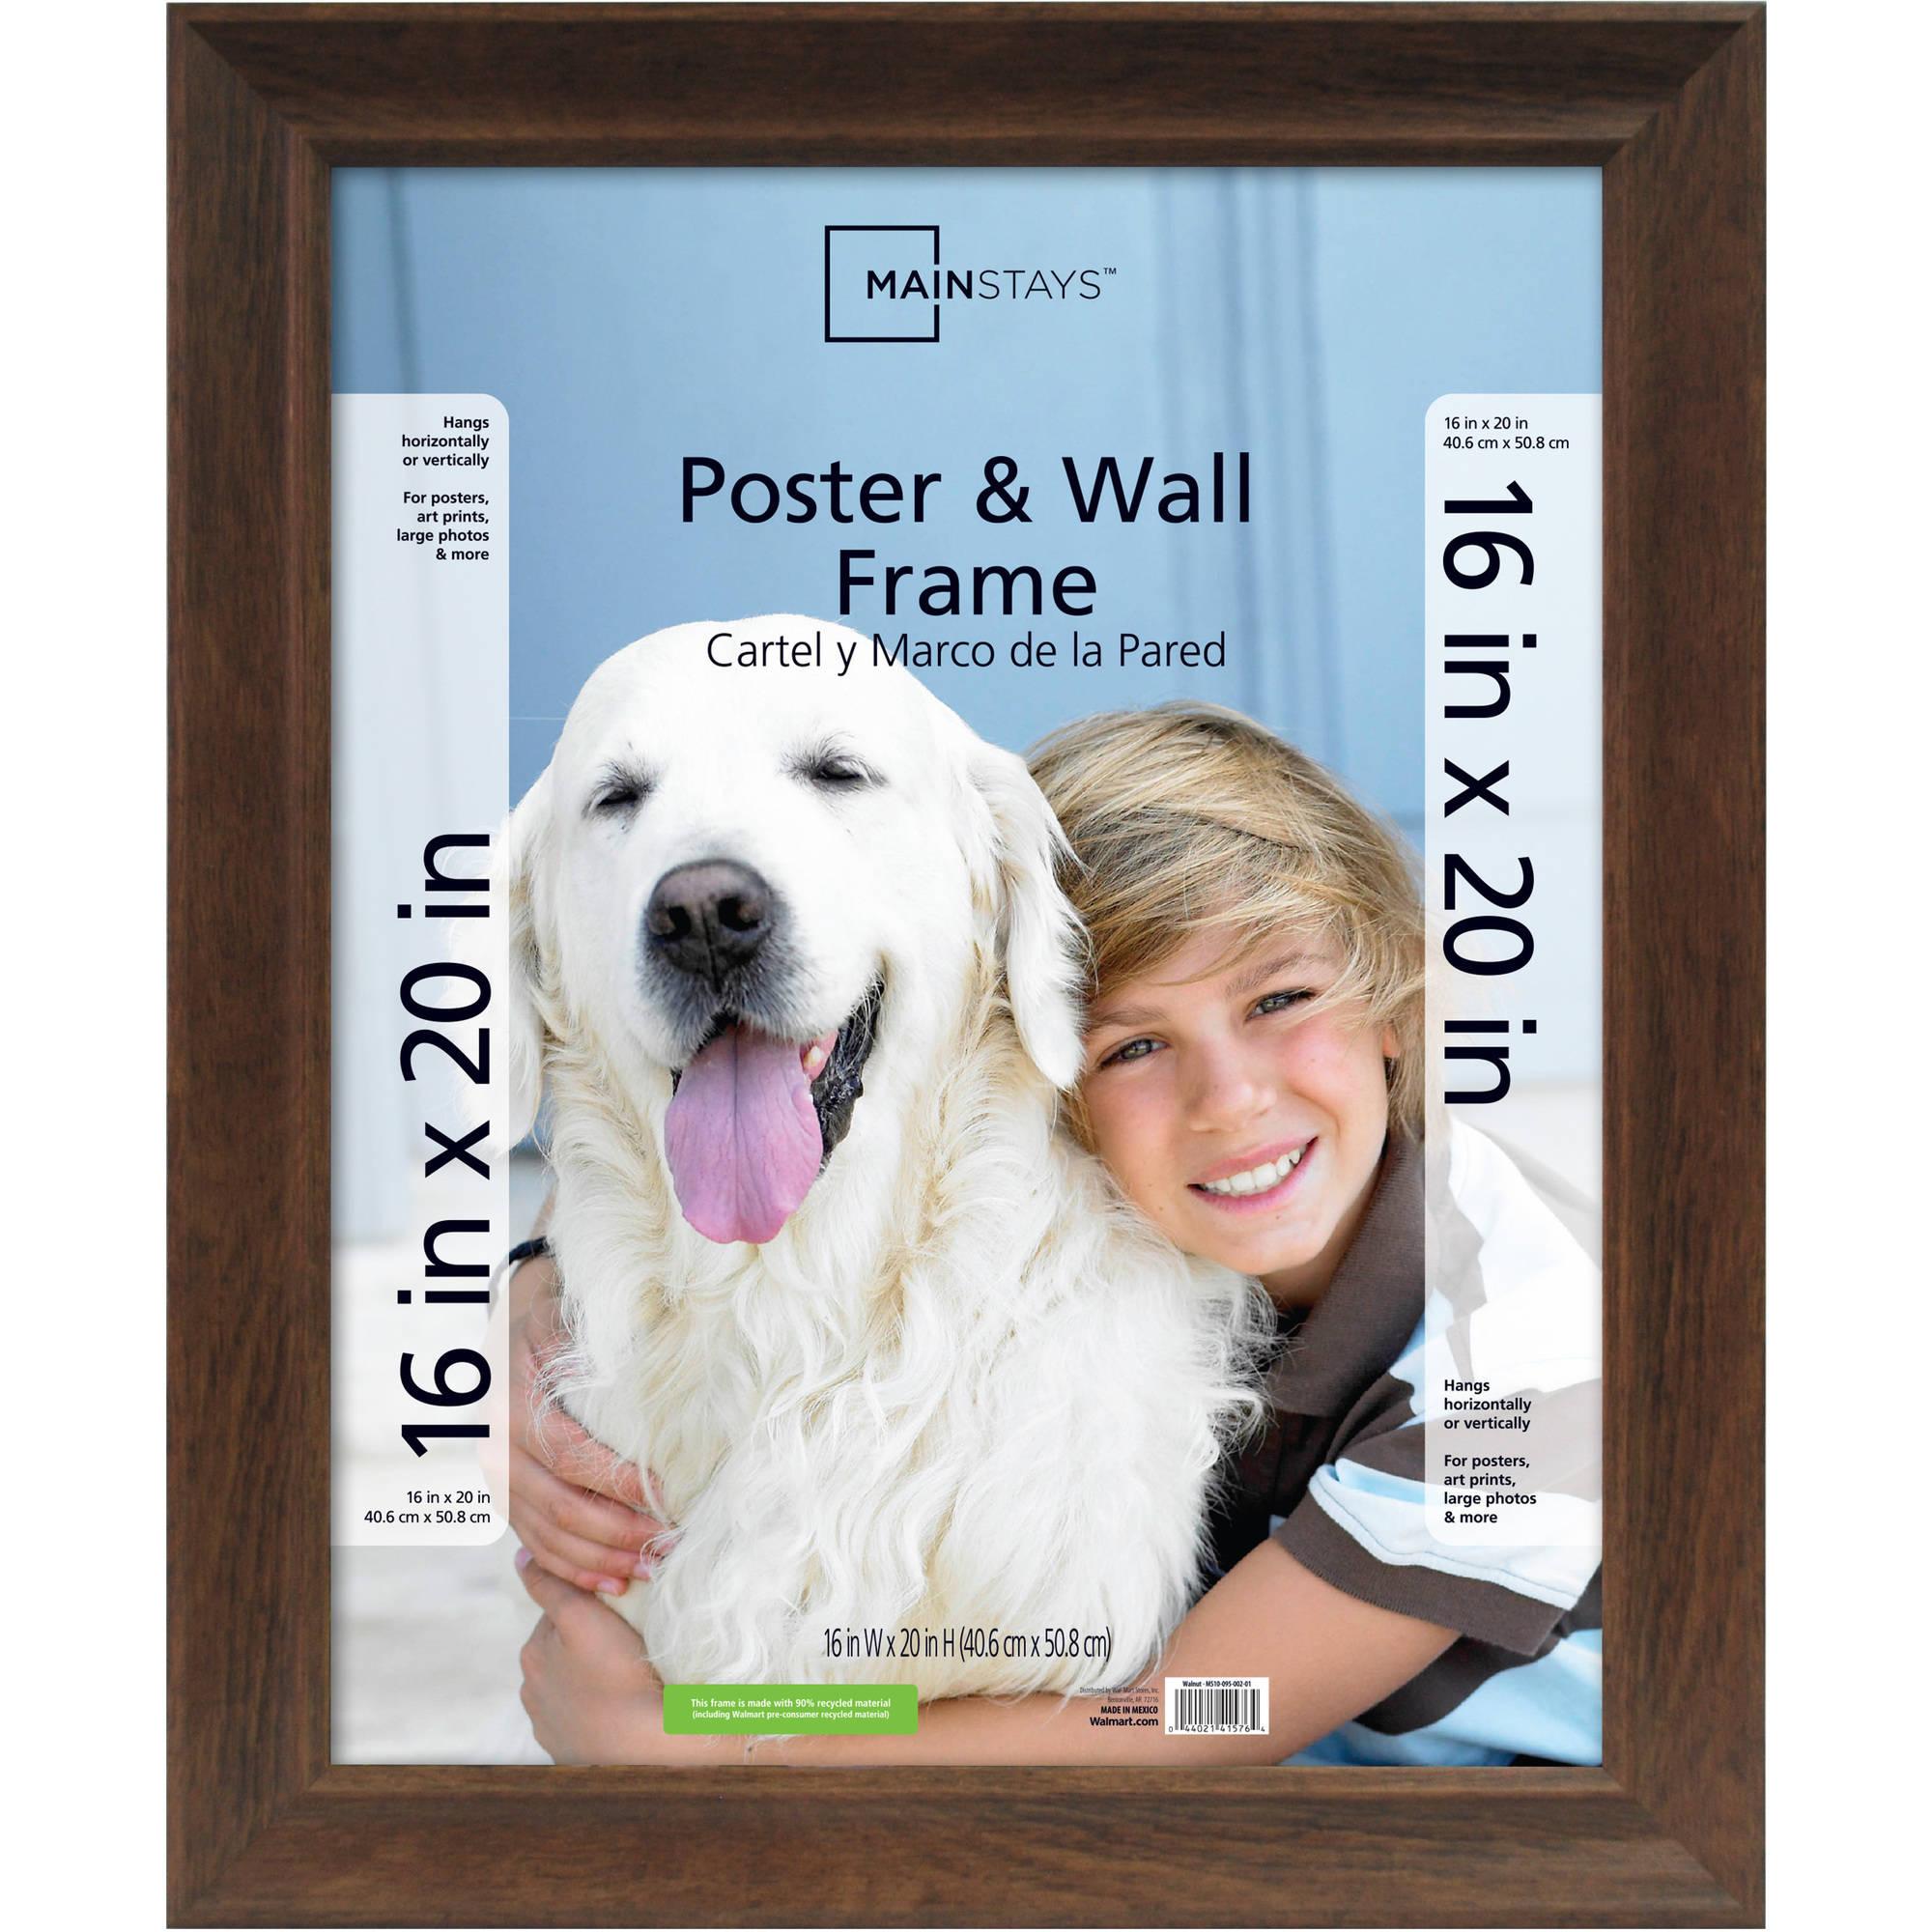 Fantastisch Walmart Picture Frames 16x20 Ideen - Benutzerdefinierte ...